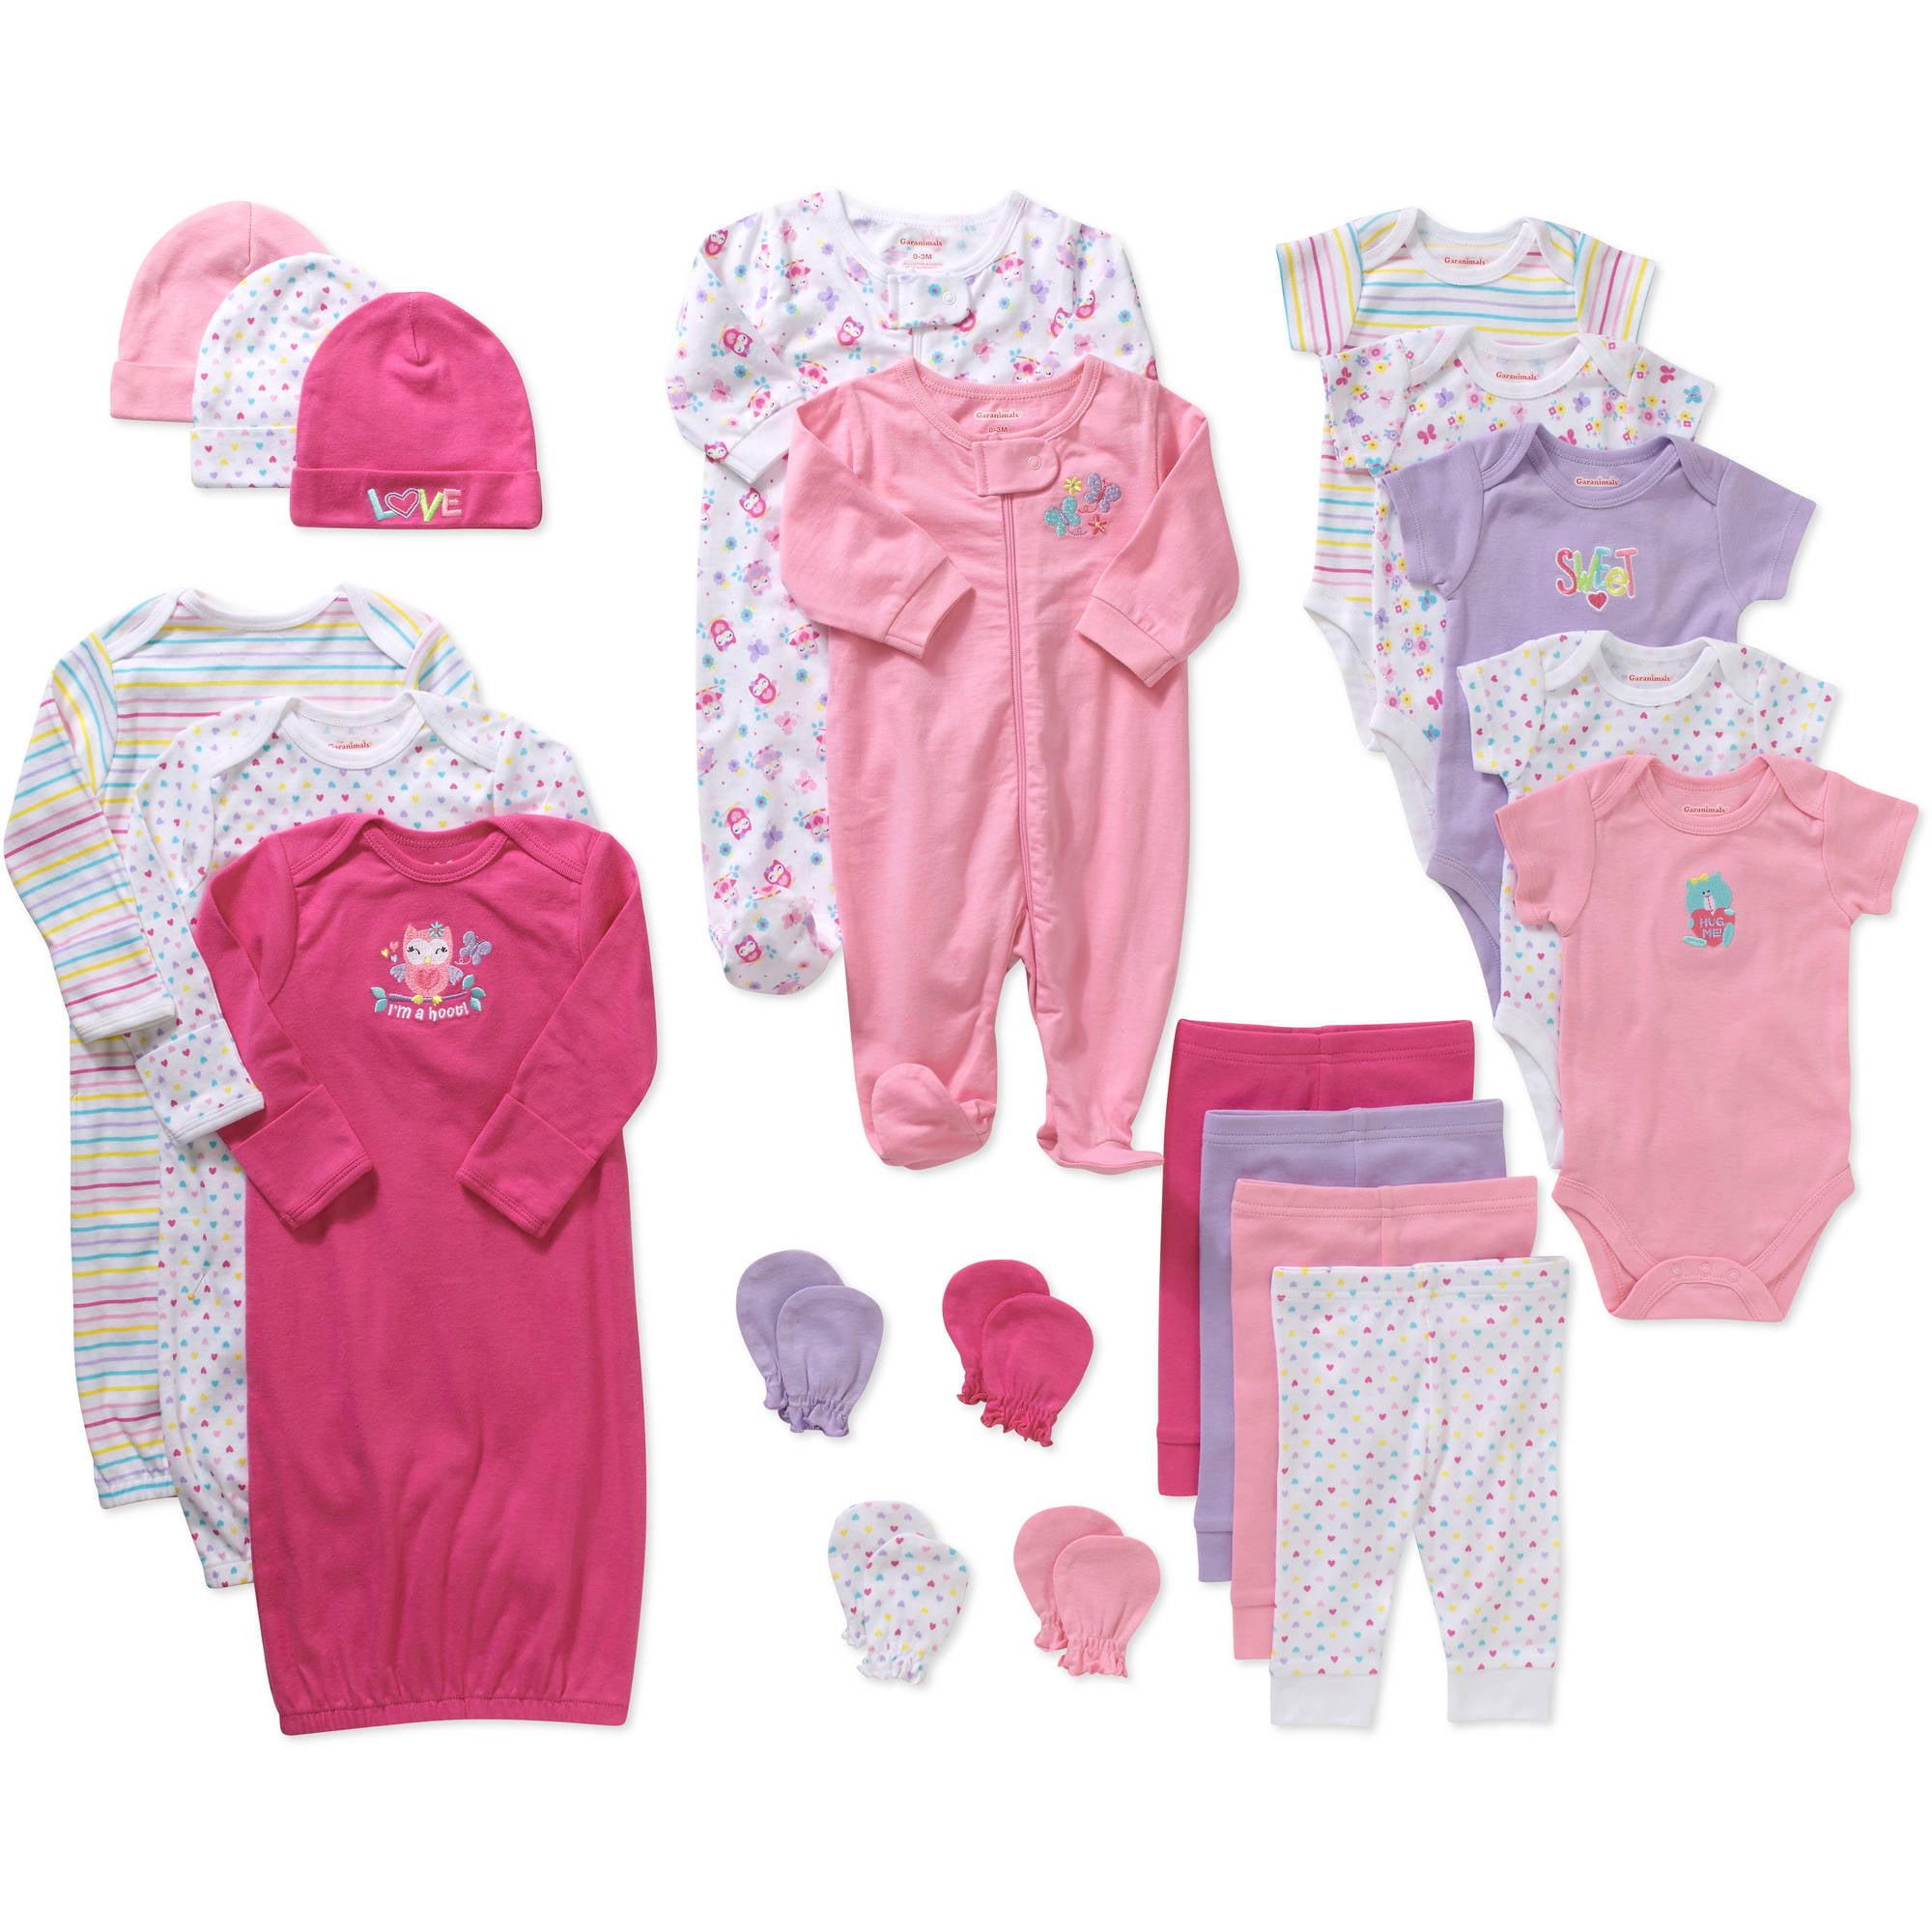 Garanimals Baby Girl 21 Piece Layette Baby Shower Gift Set